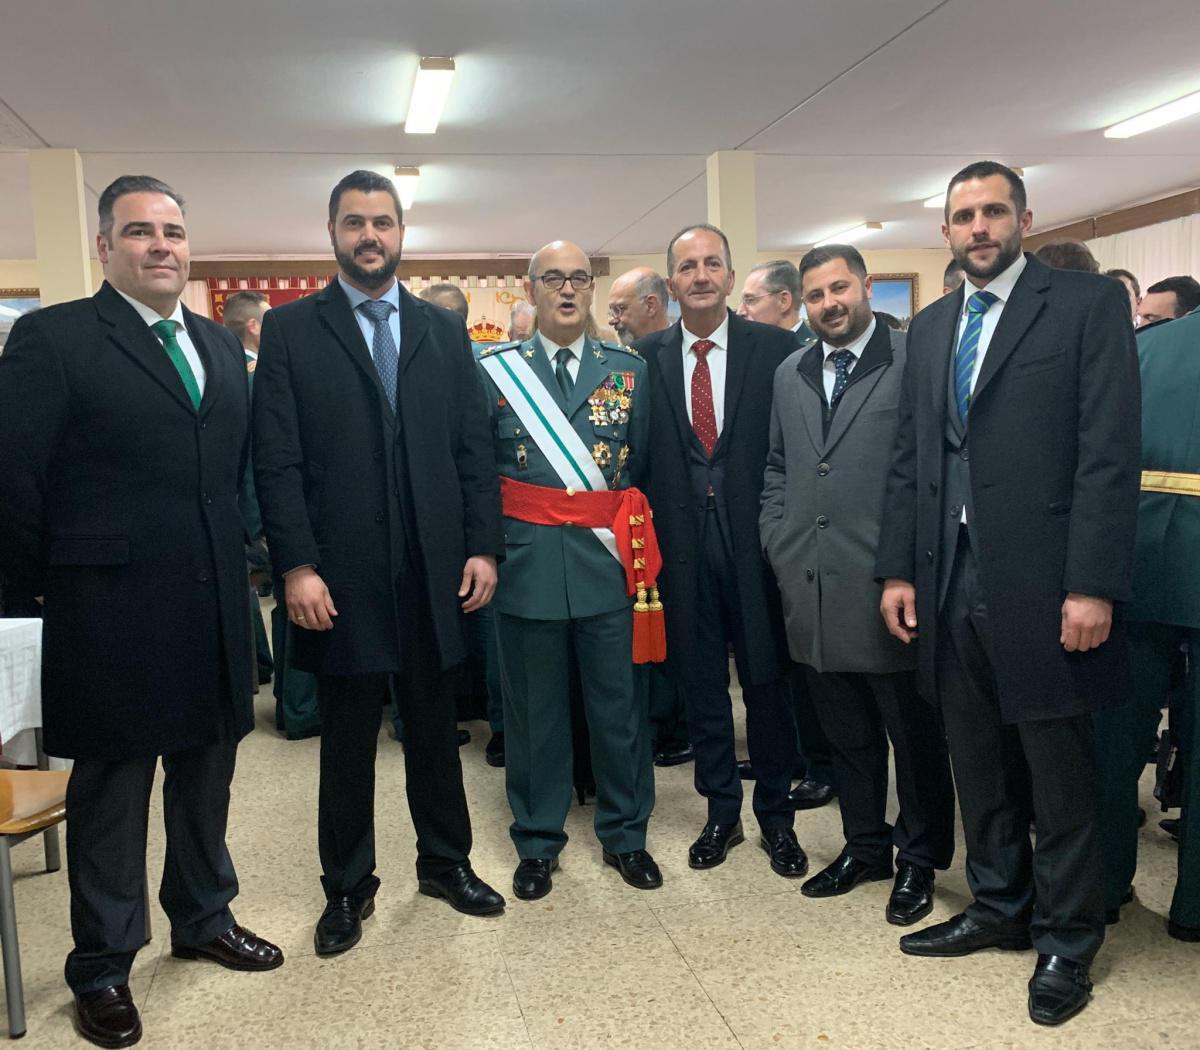 Visita al Colegio de Guardias Jóvenes Duque de Ahumada